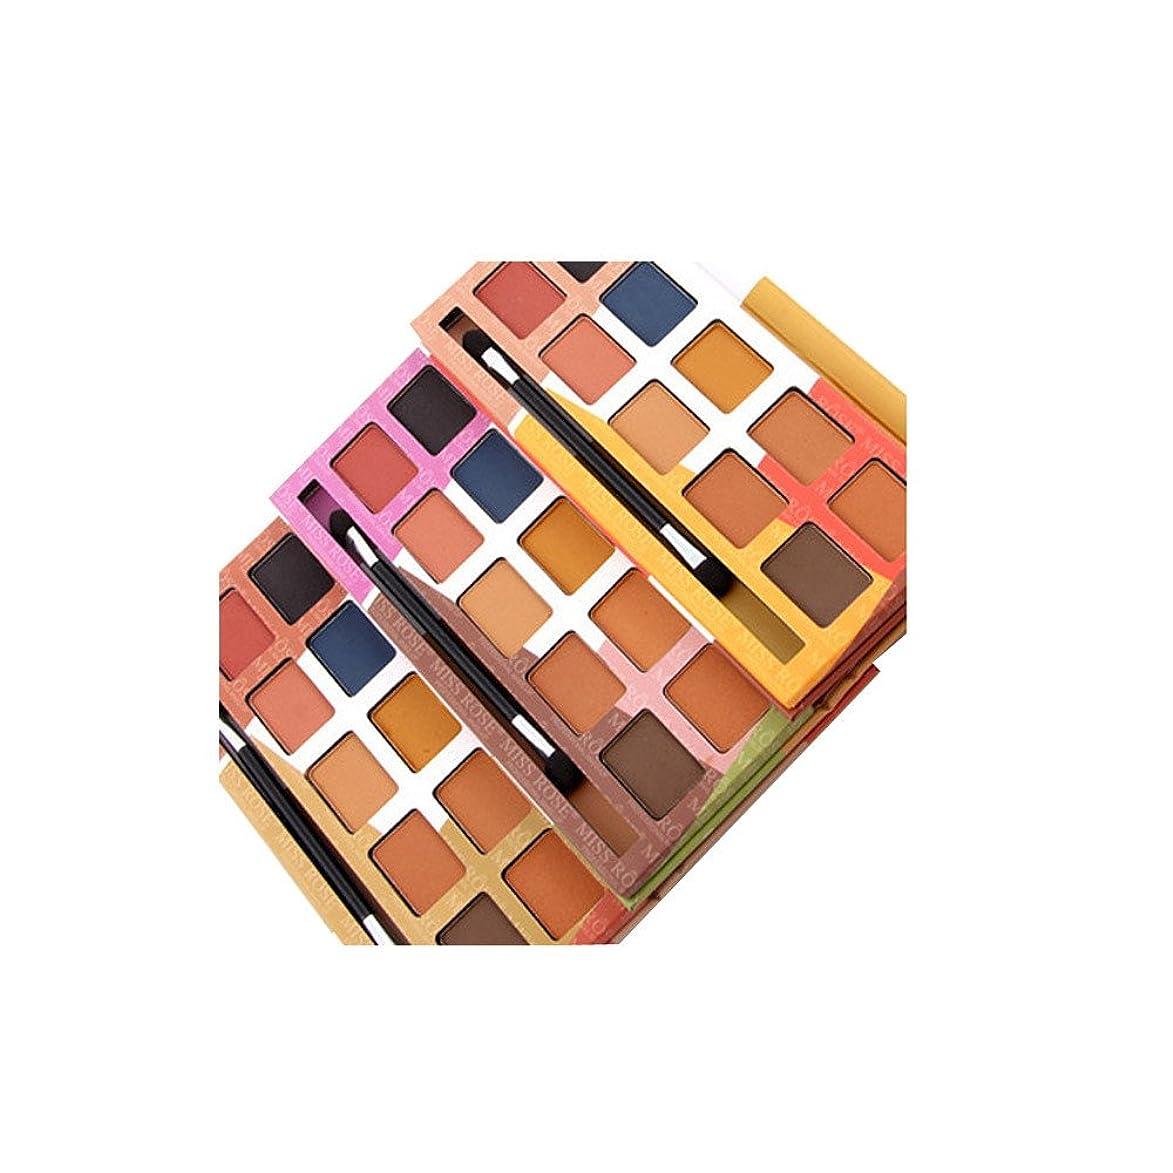 困惑チャーム多分ビューティー アイシャドー Jopinica 10色 MISS ROSE 真珠光沢 つや消し アイシャドウ 2019 極め細かい 携帯便利 使用簡単 綺麗 アイカラー プレイカラー パウダータイプ パウダーチップ 美容 魅力